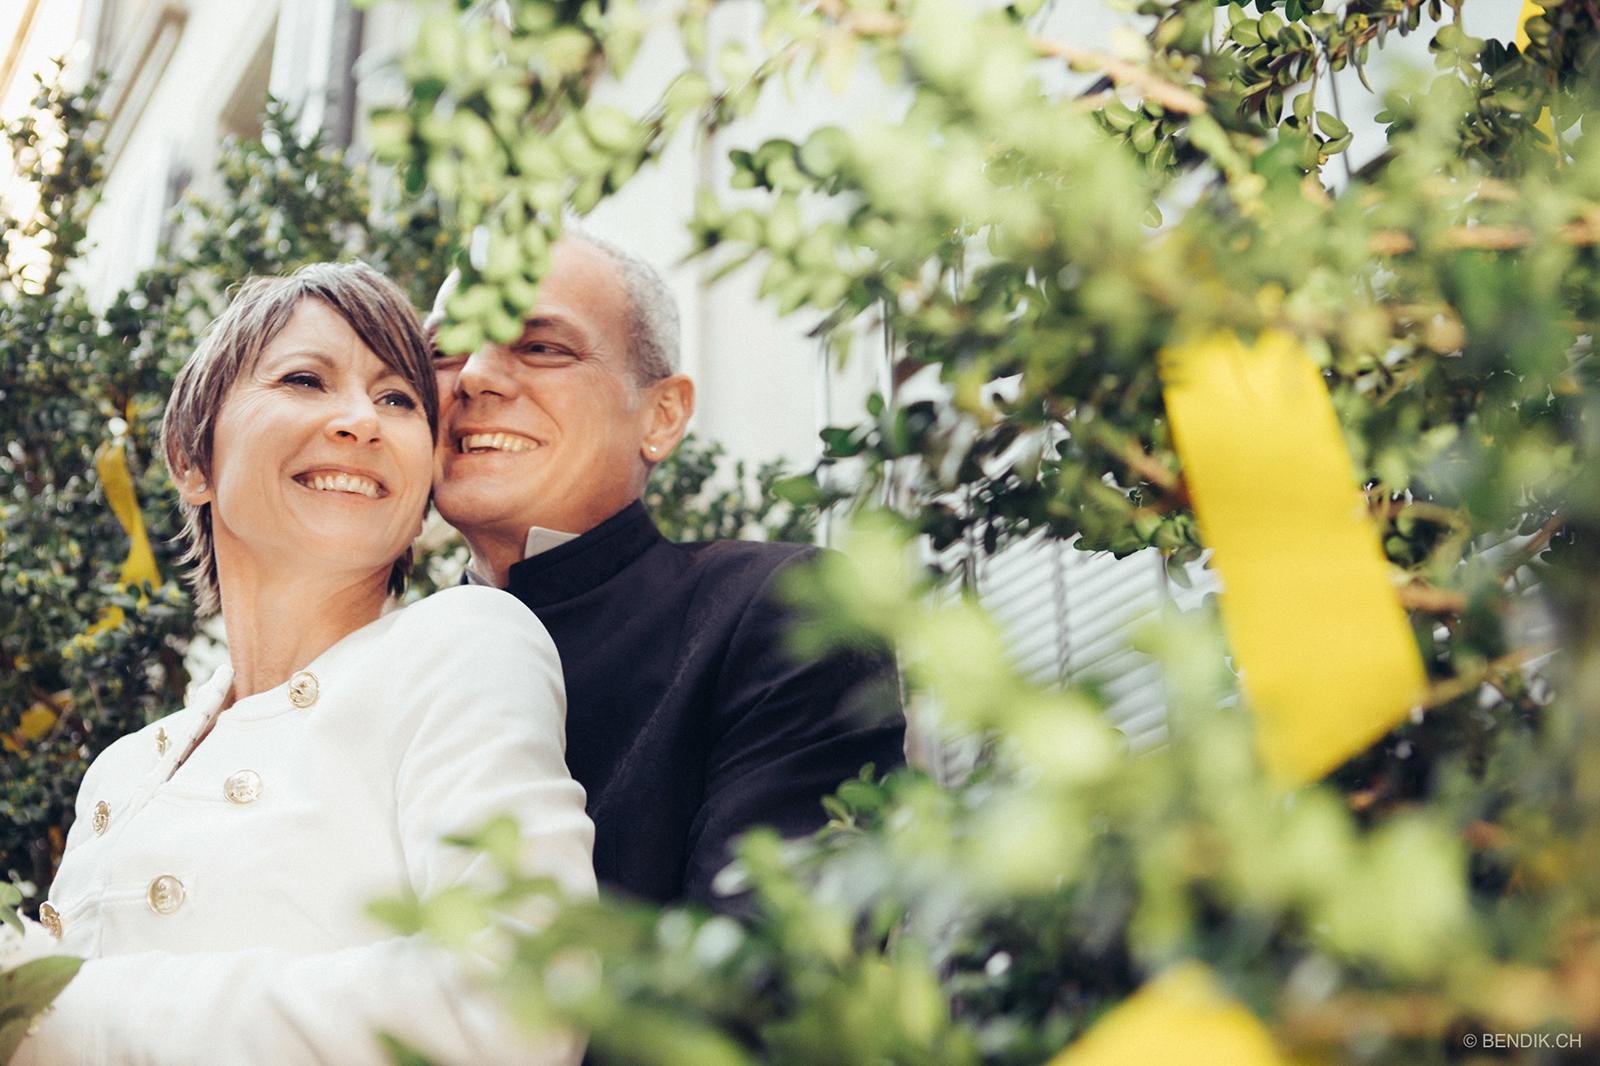 Brautpaar sich umarmend und lachend inmitten von Blumen